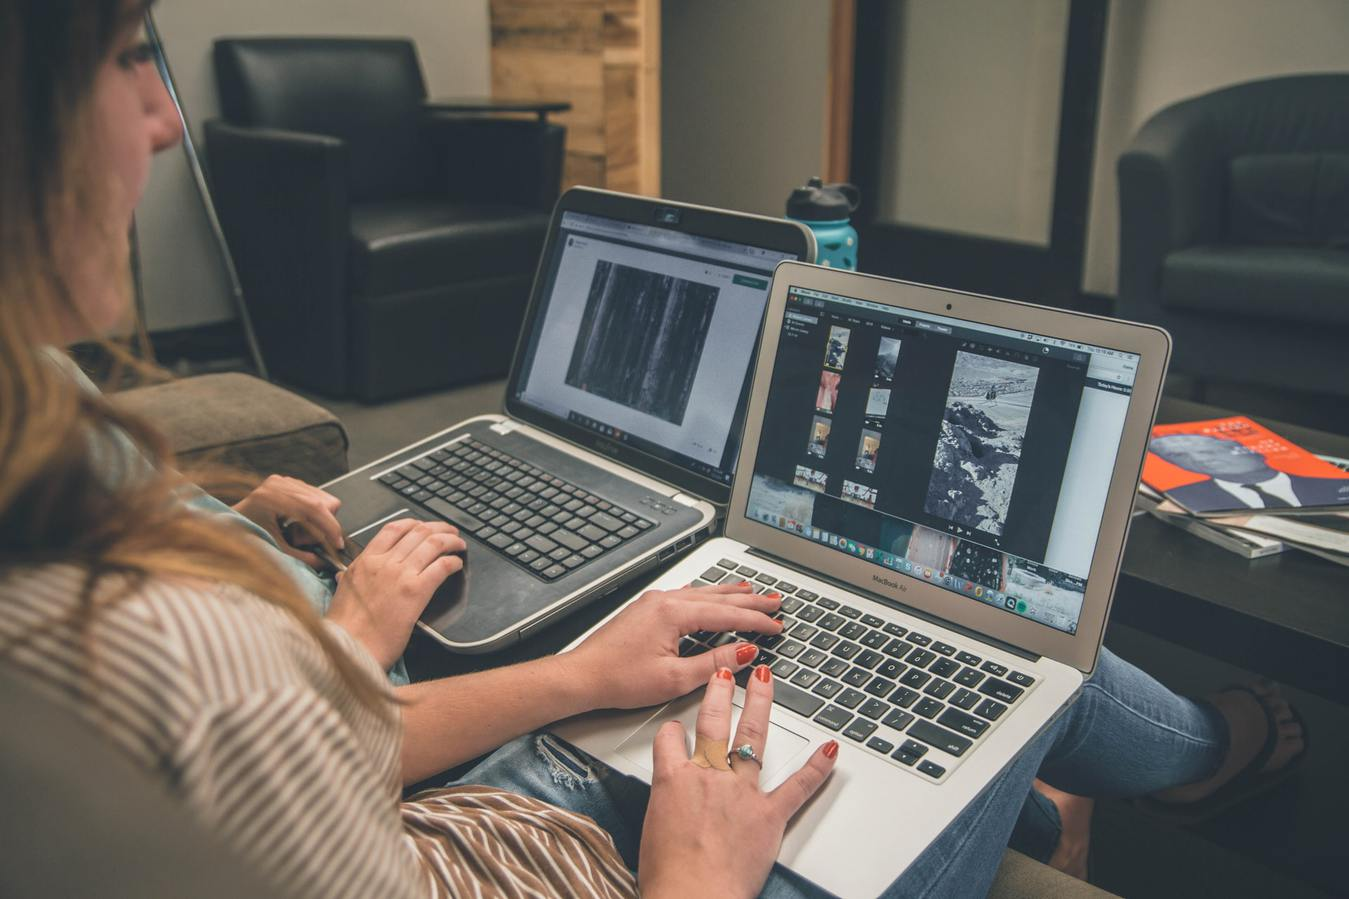 Deux personnes qui travaillent devant des ordinateurs